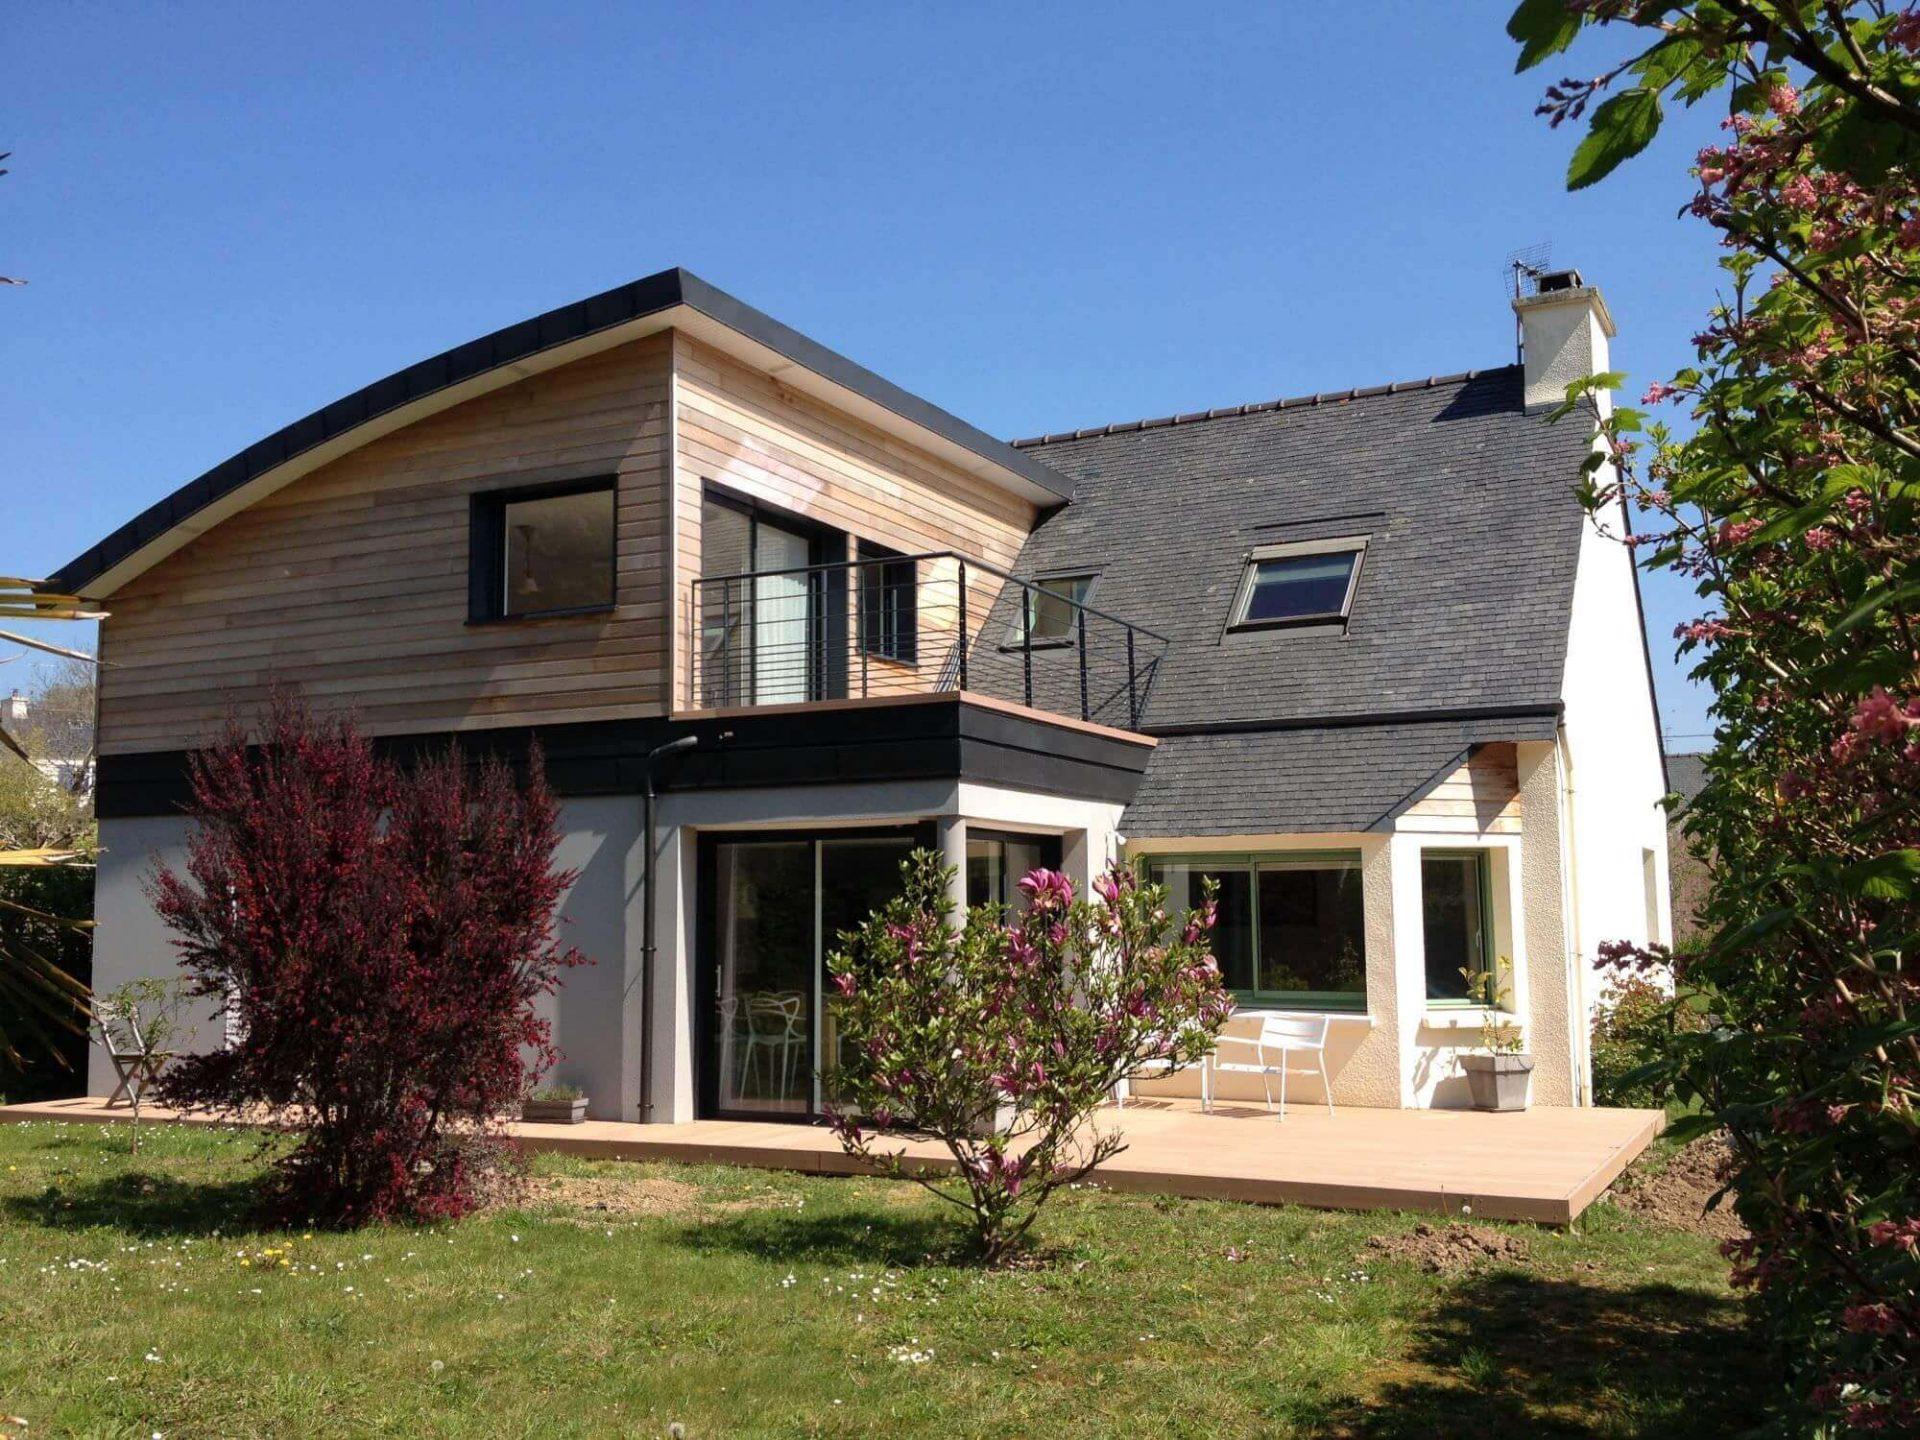 Constructeur Maison Toulouse Prix prix extension maison 2020 : devis et budget - illico travaux